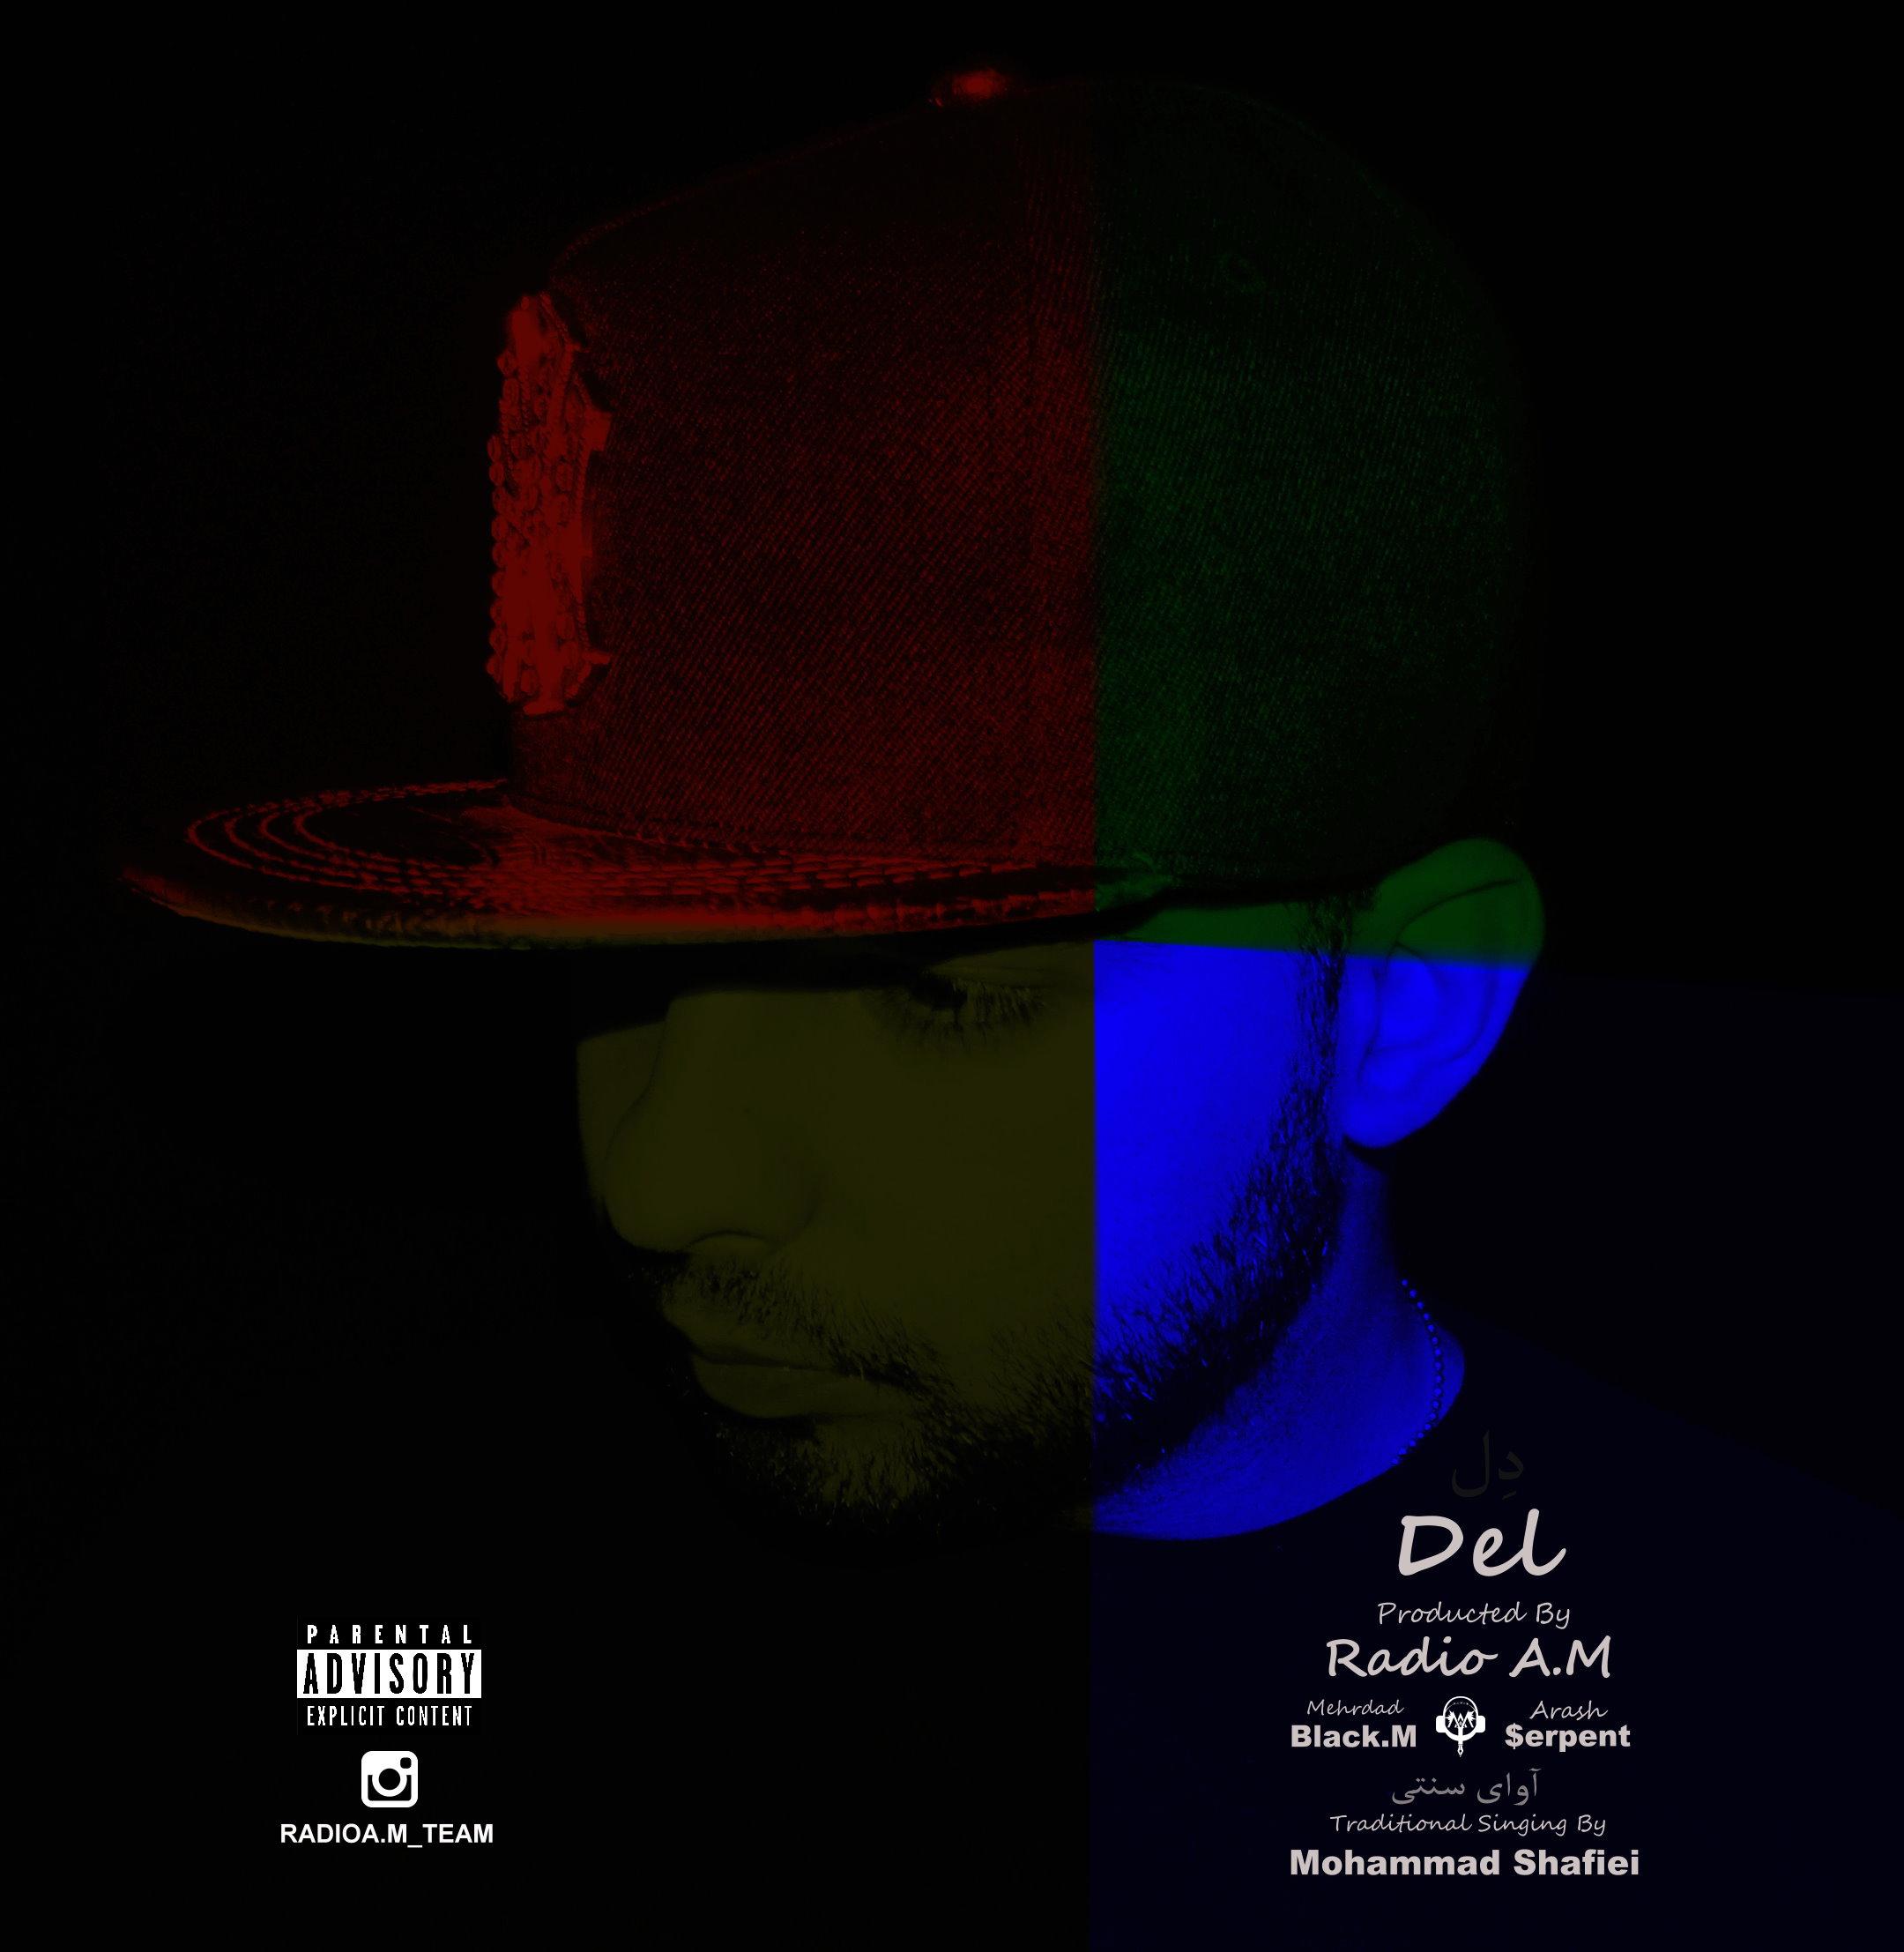 دانلود آهنگ جدید گروه Radio A.M به نام دِل